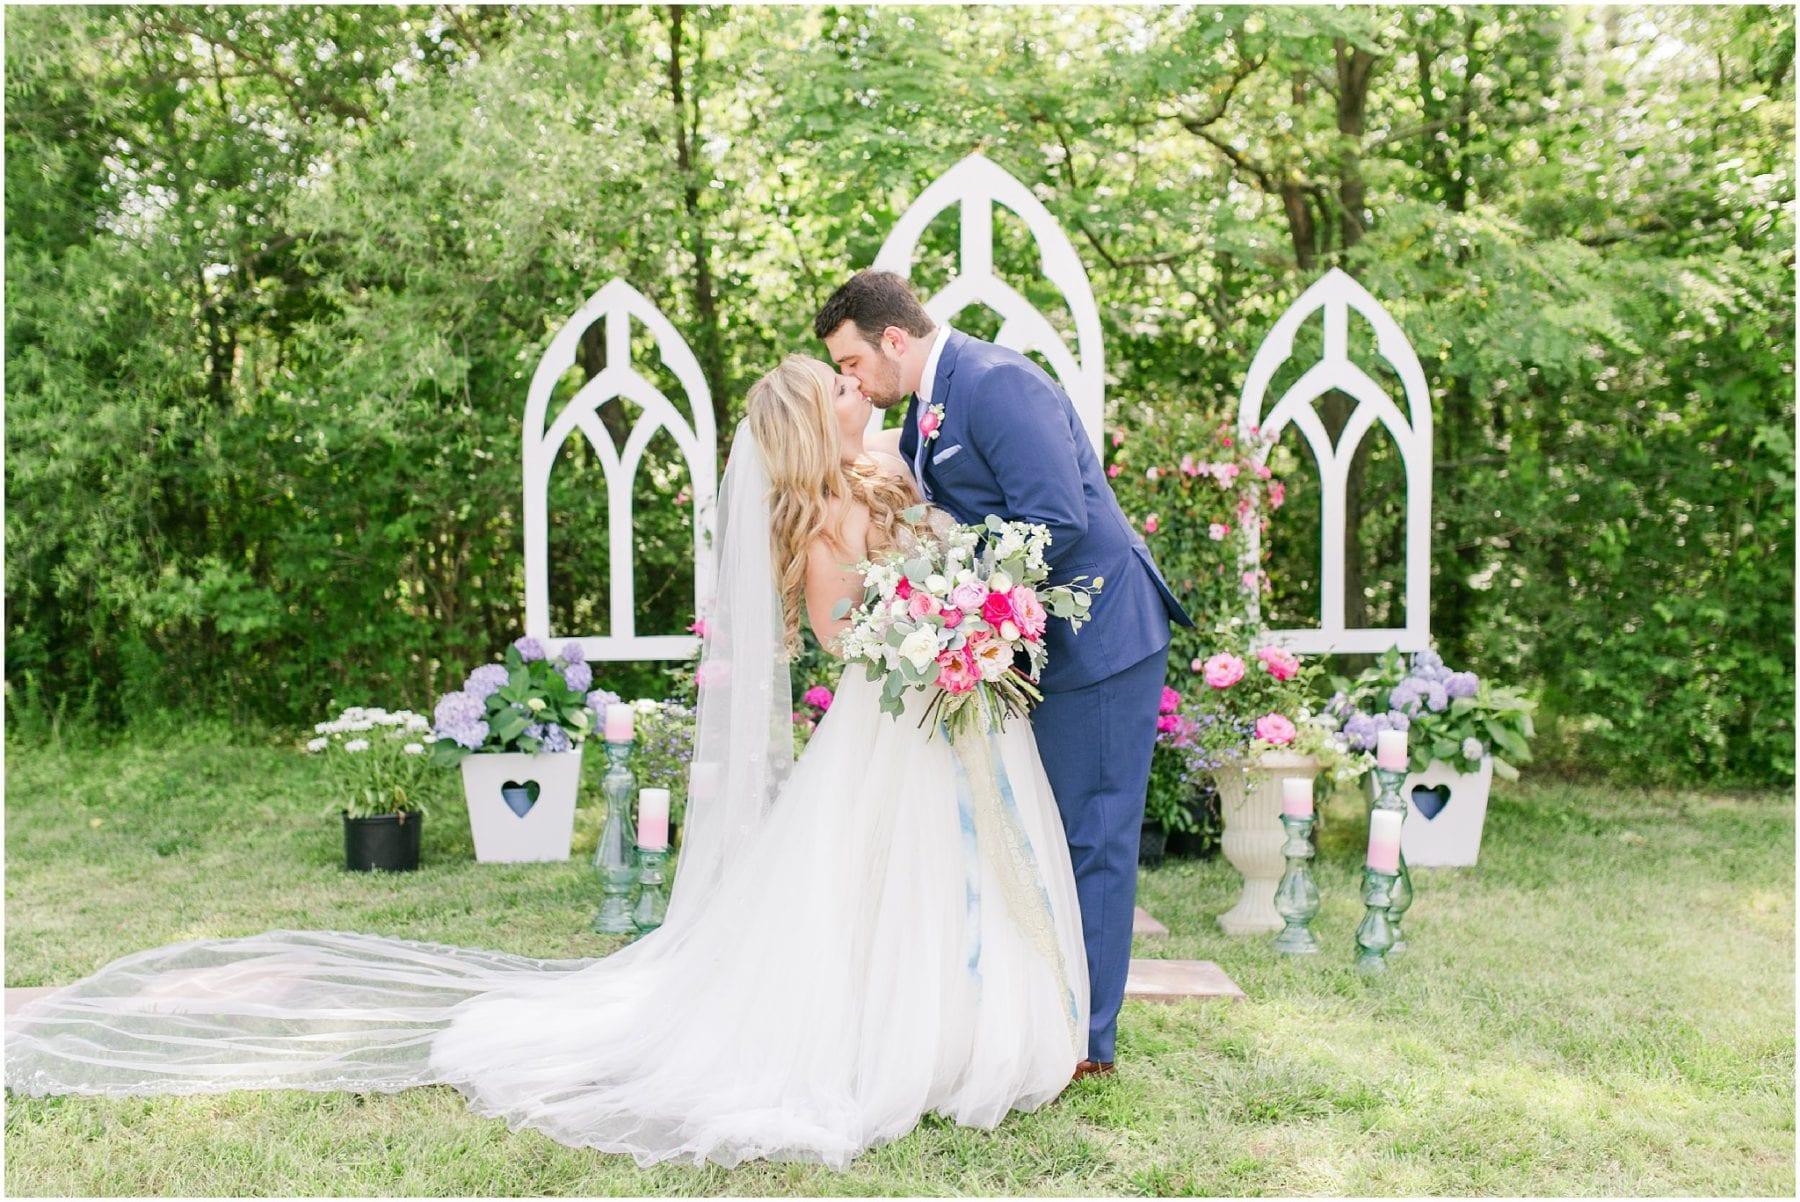 Maryland Backyard Wedding Photos Kelly & Zach Megan Kelsey Photography-104.jpg